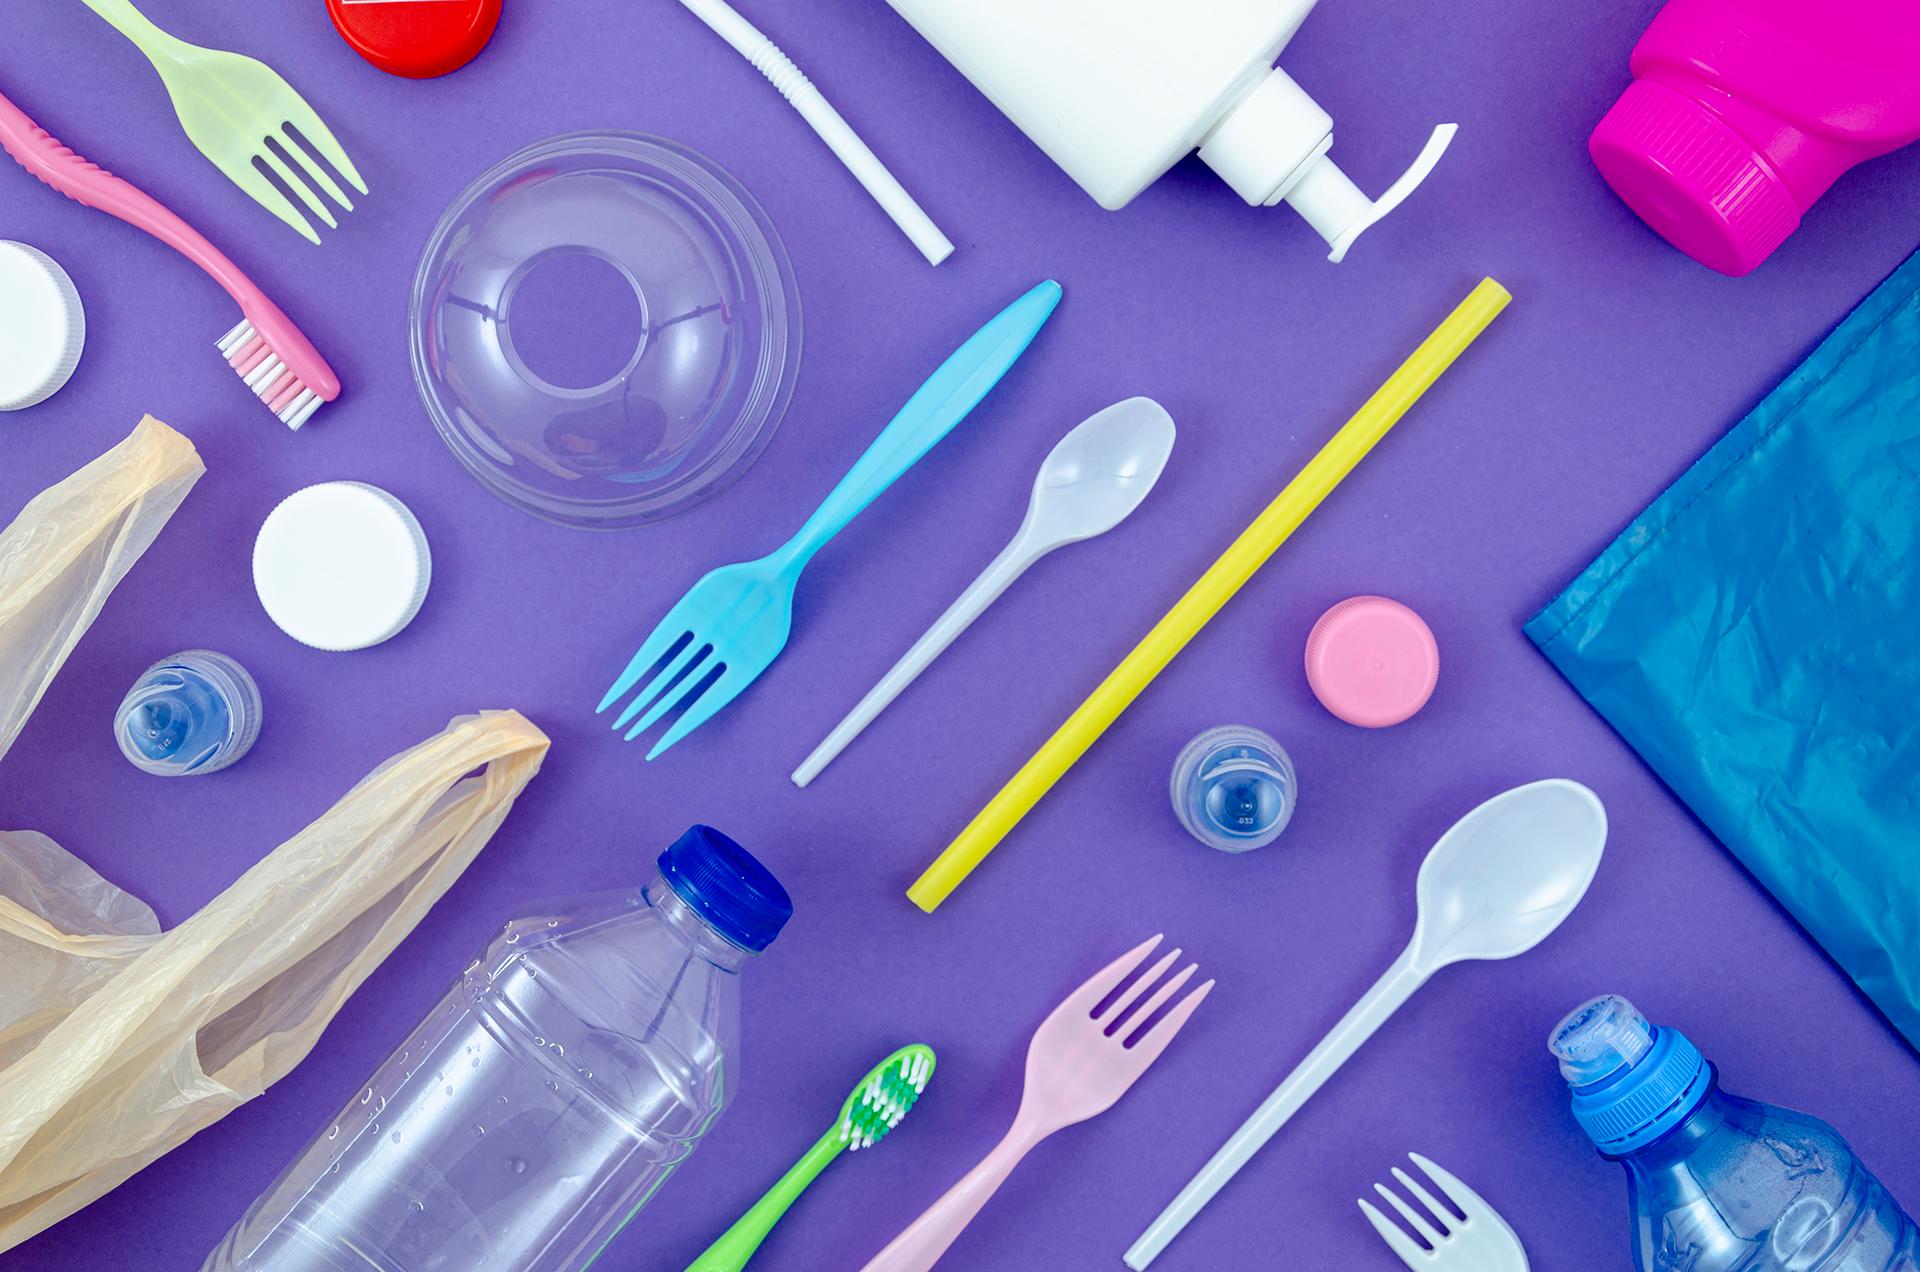 Obrázek: Obsahují vaše oblíbené produkty nebezpečné chemikálie? Zjistíte to díky aplikaci Scan4Chem